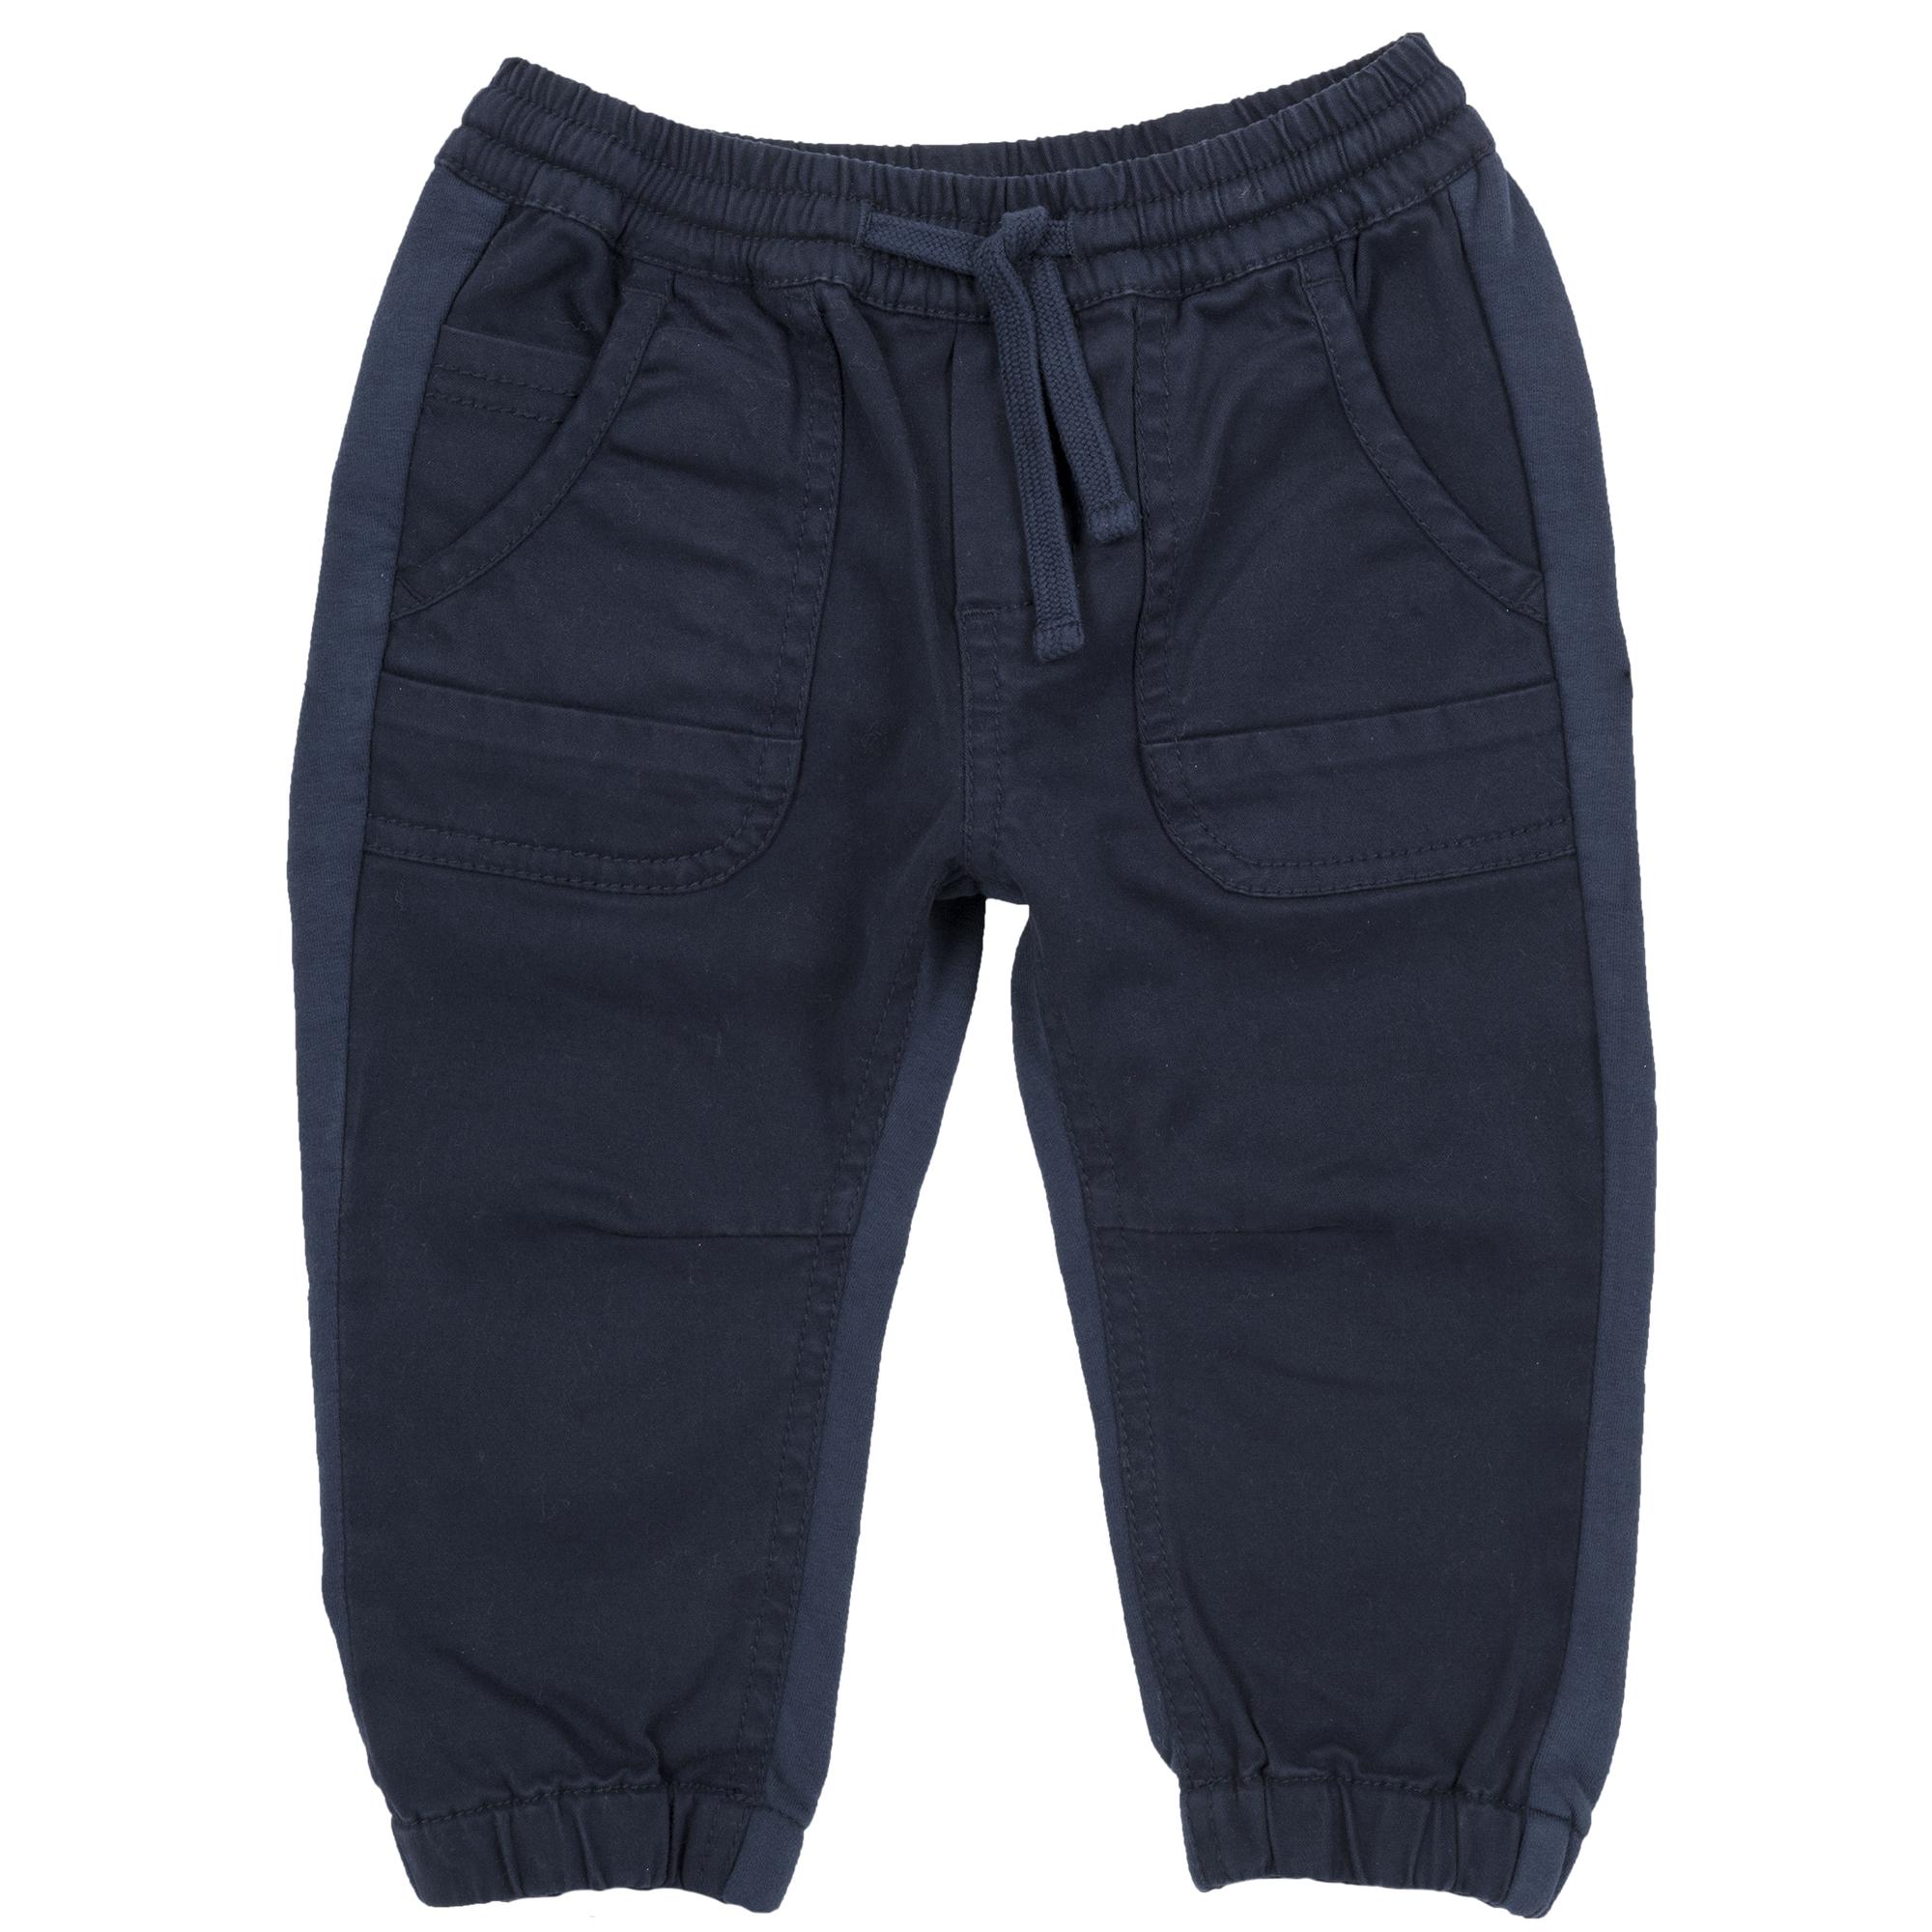 Pantalon Copii Chicco, Albastru Inchis imagine